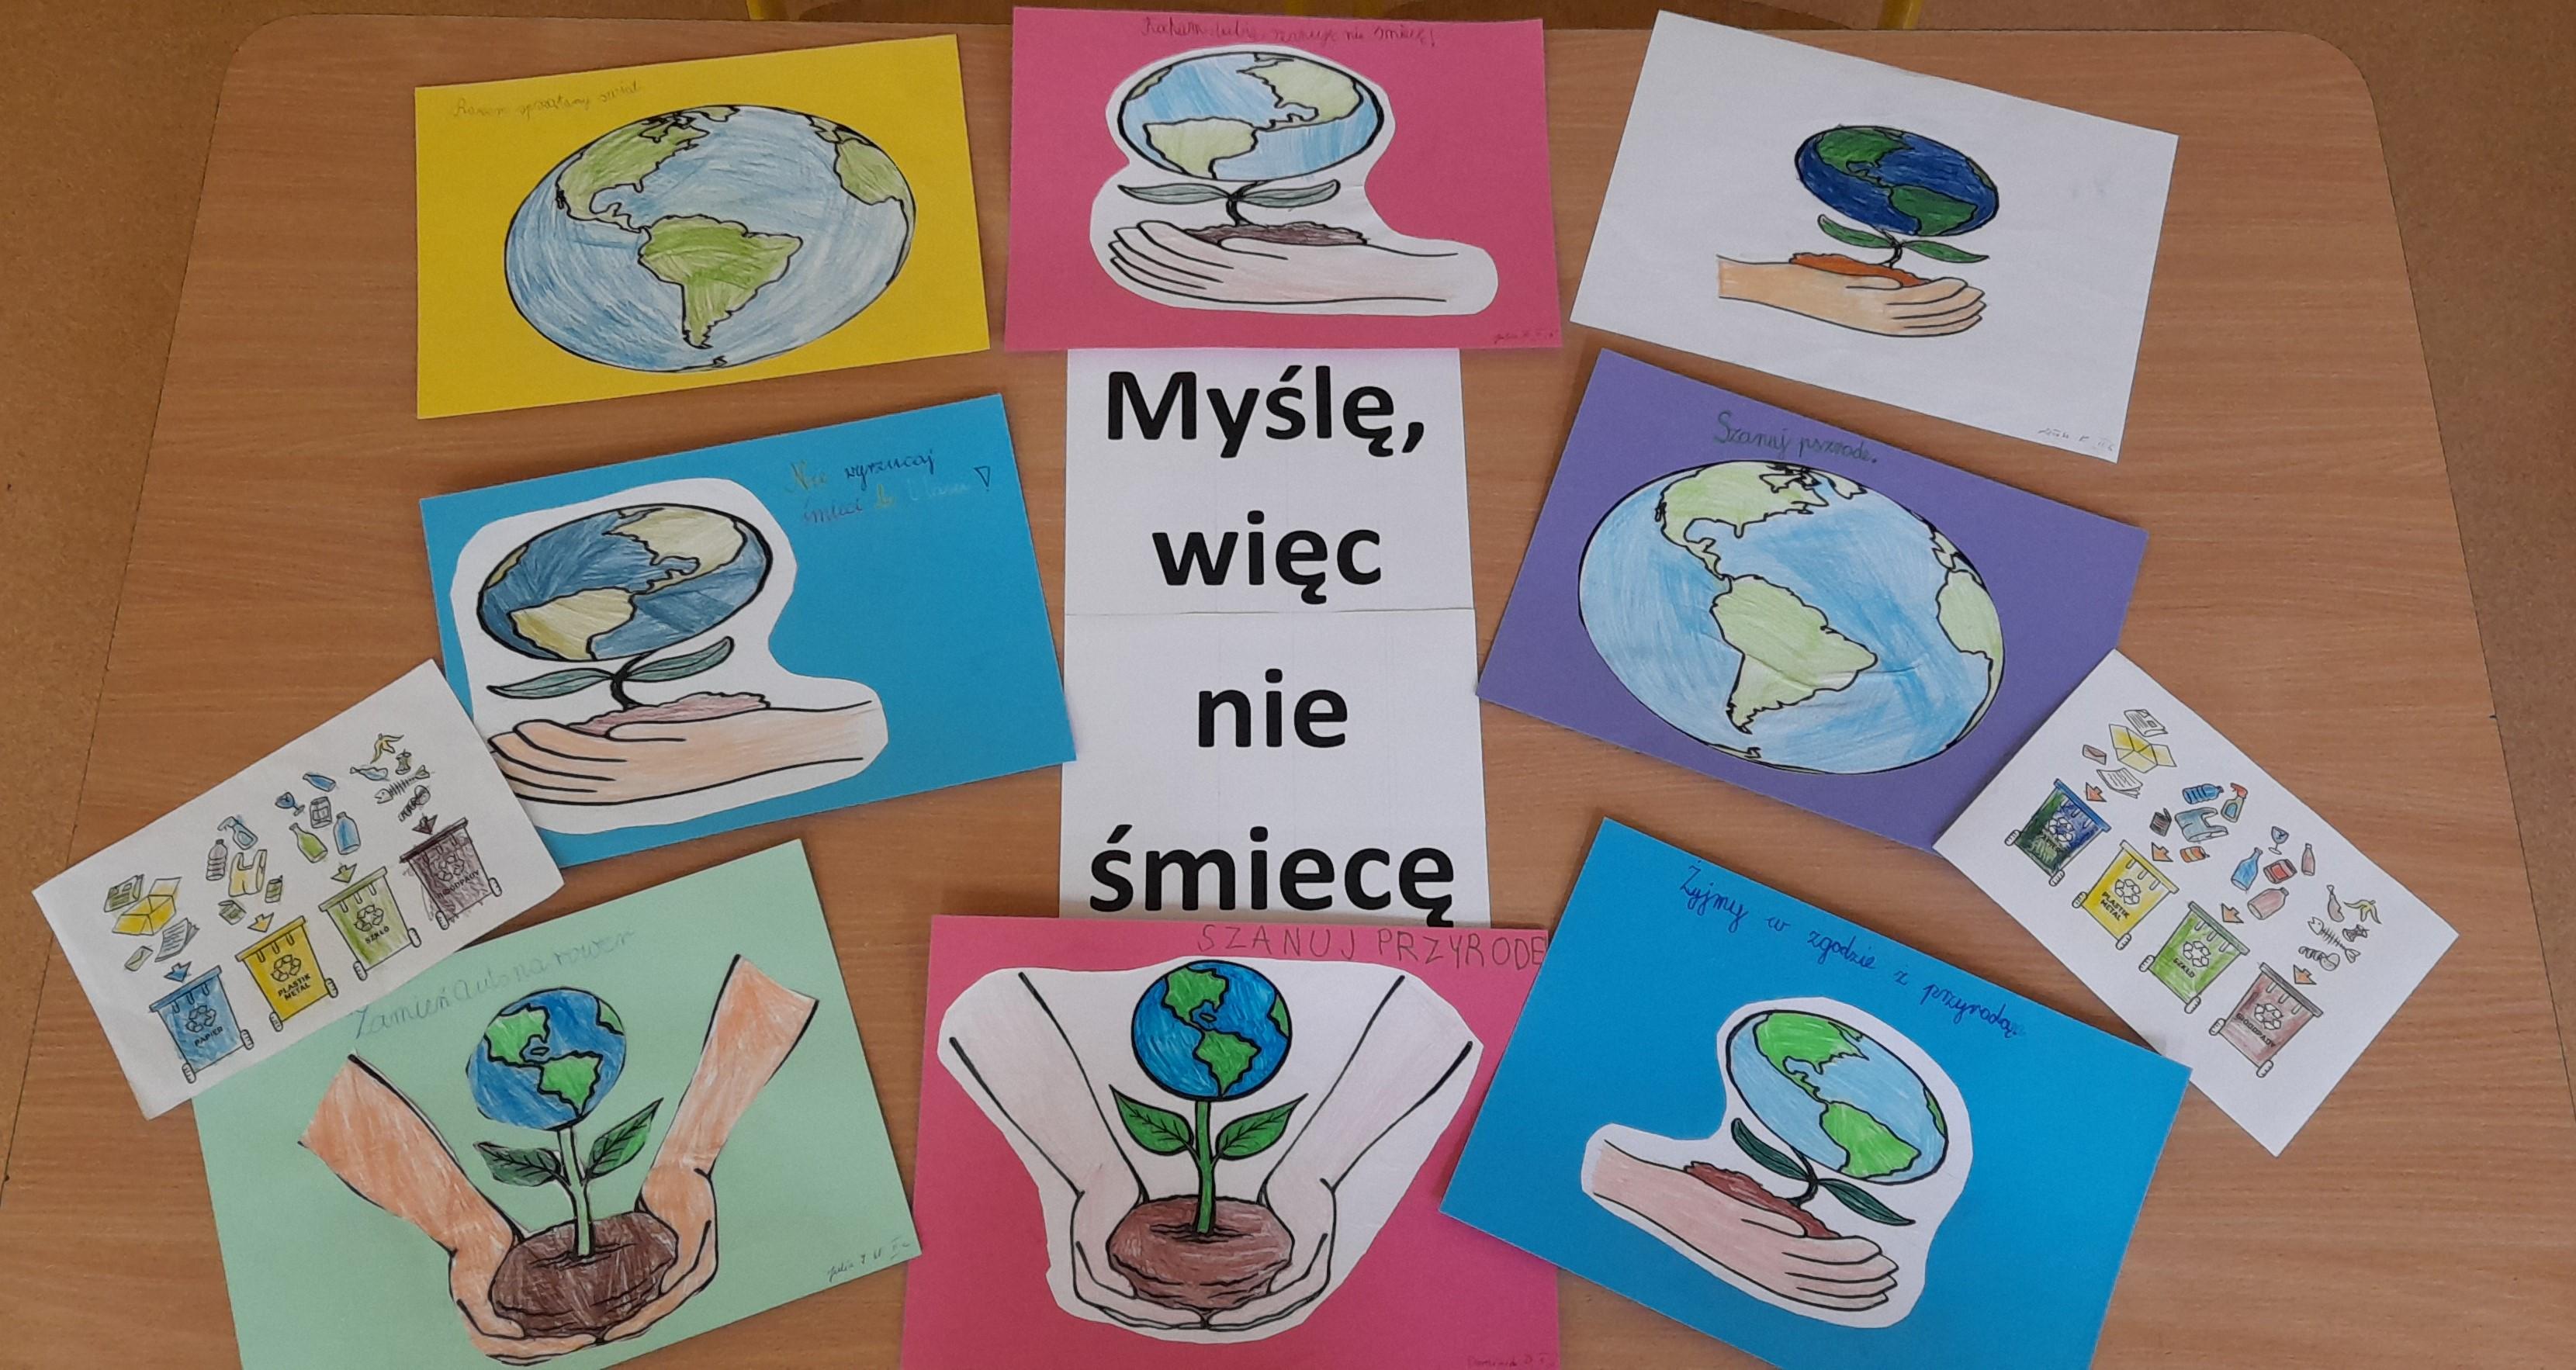 https://m.powiatszczycienski.pl/2021/09/orig/20210920-072250-43560.jpg